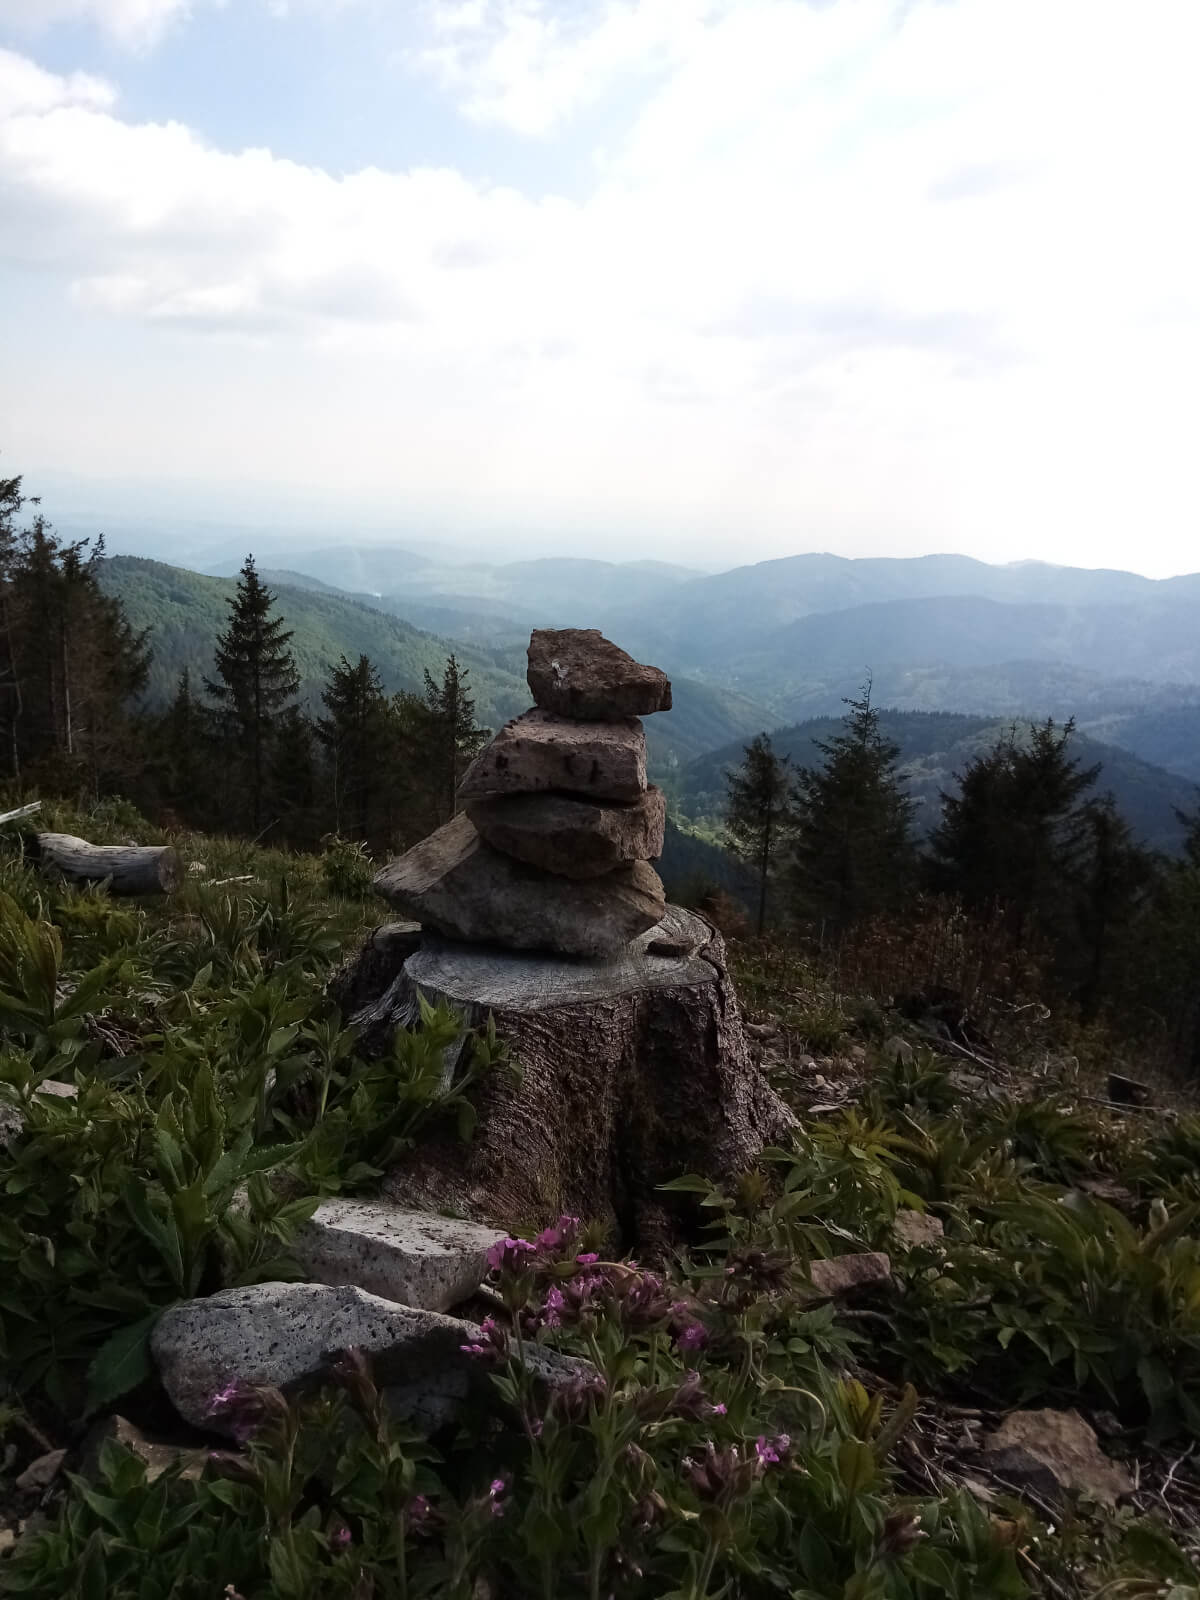 hypnose-steine als turm vor riesigem Ausblick, verdeutlicht fokussierung